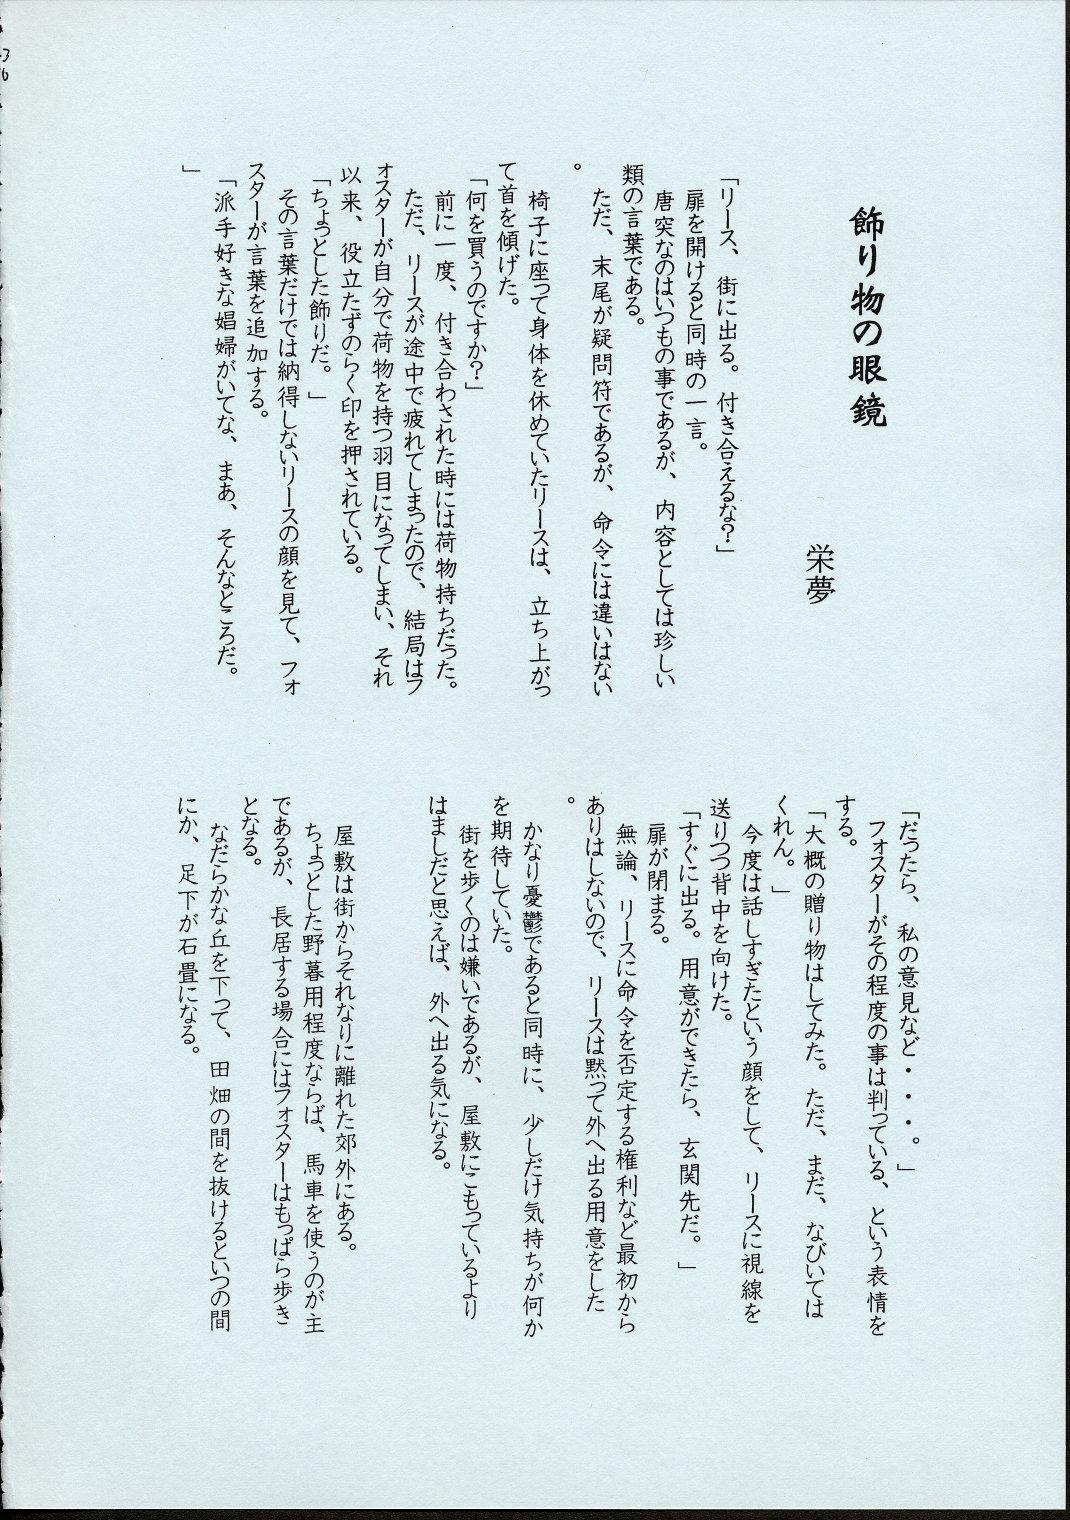 Maid-san kihonkei 34